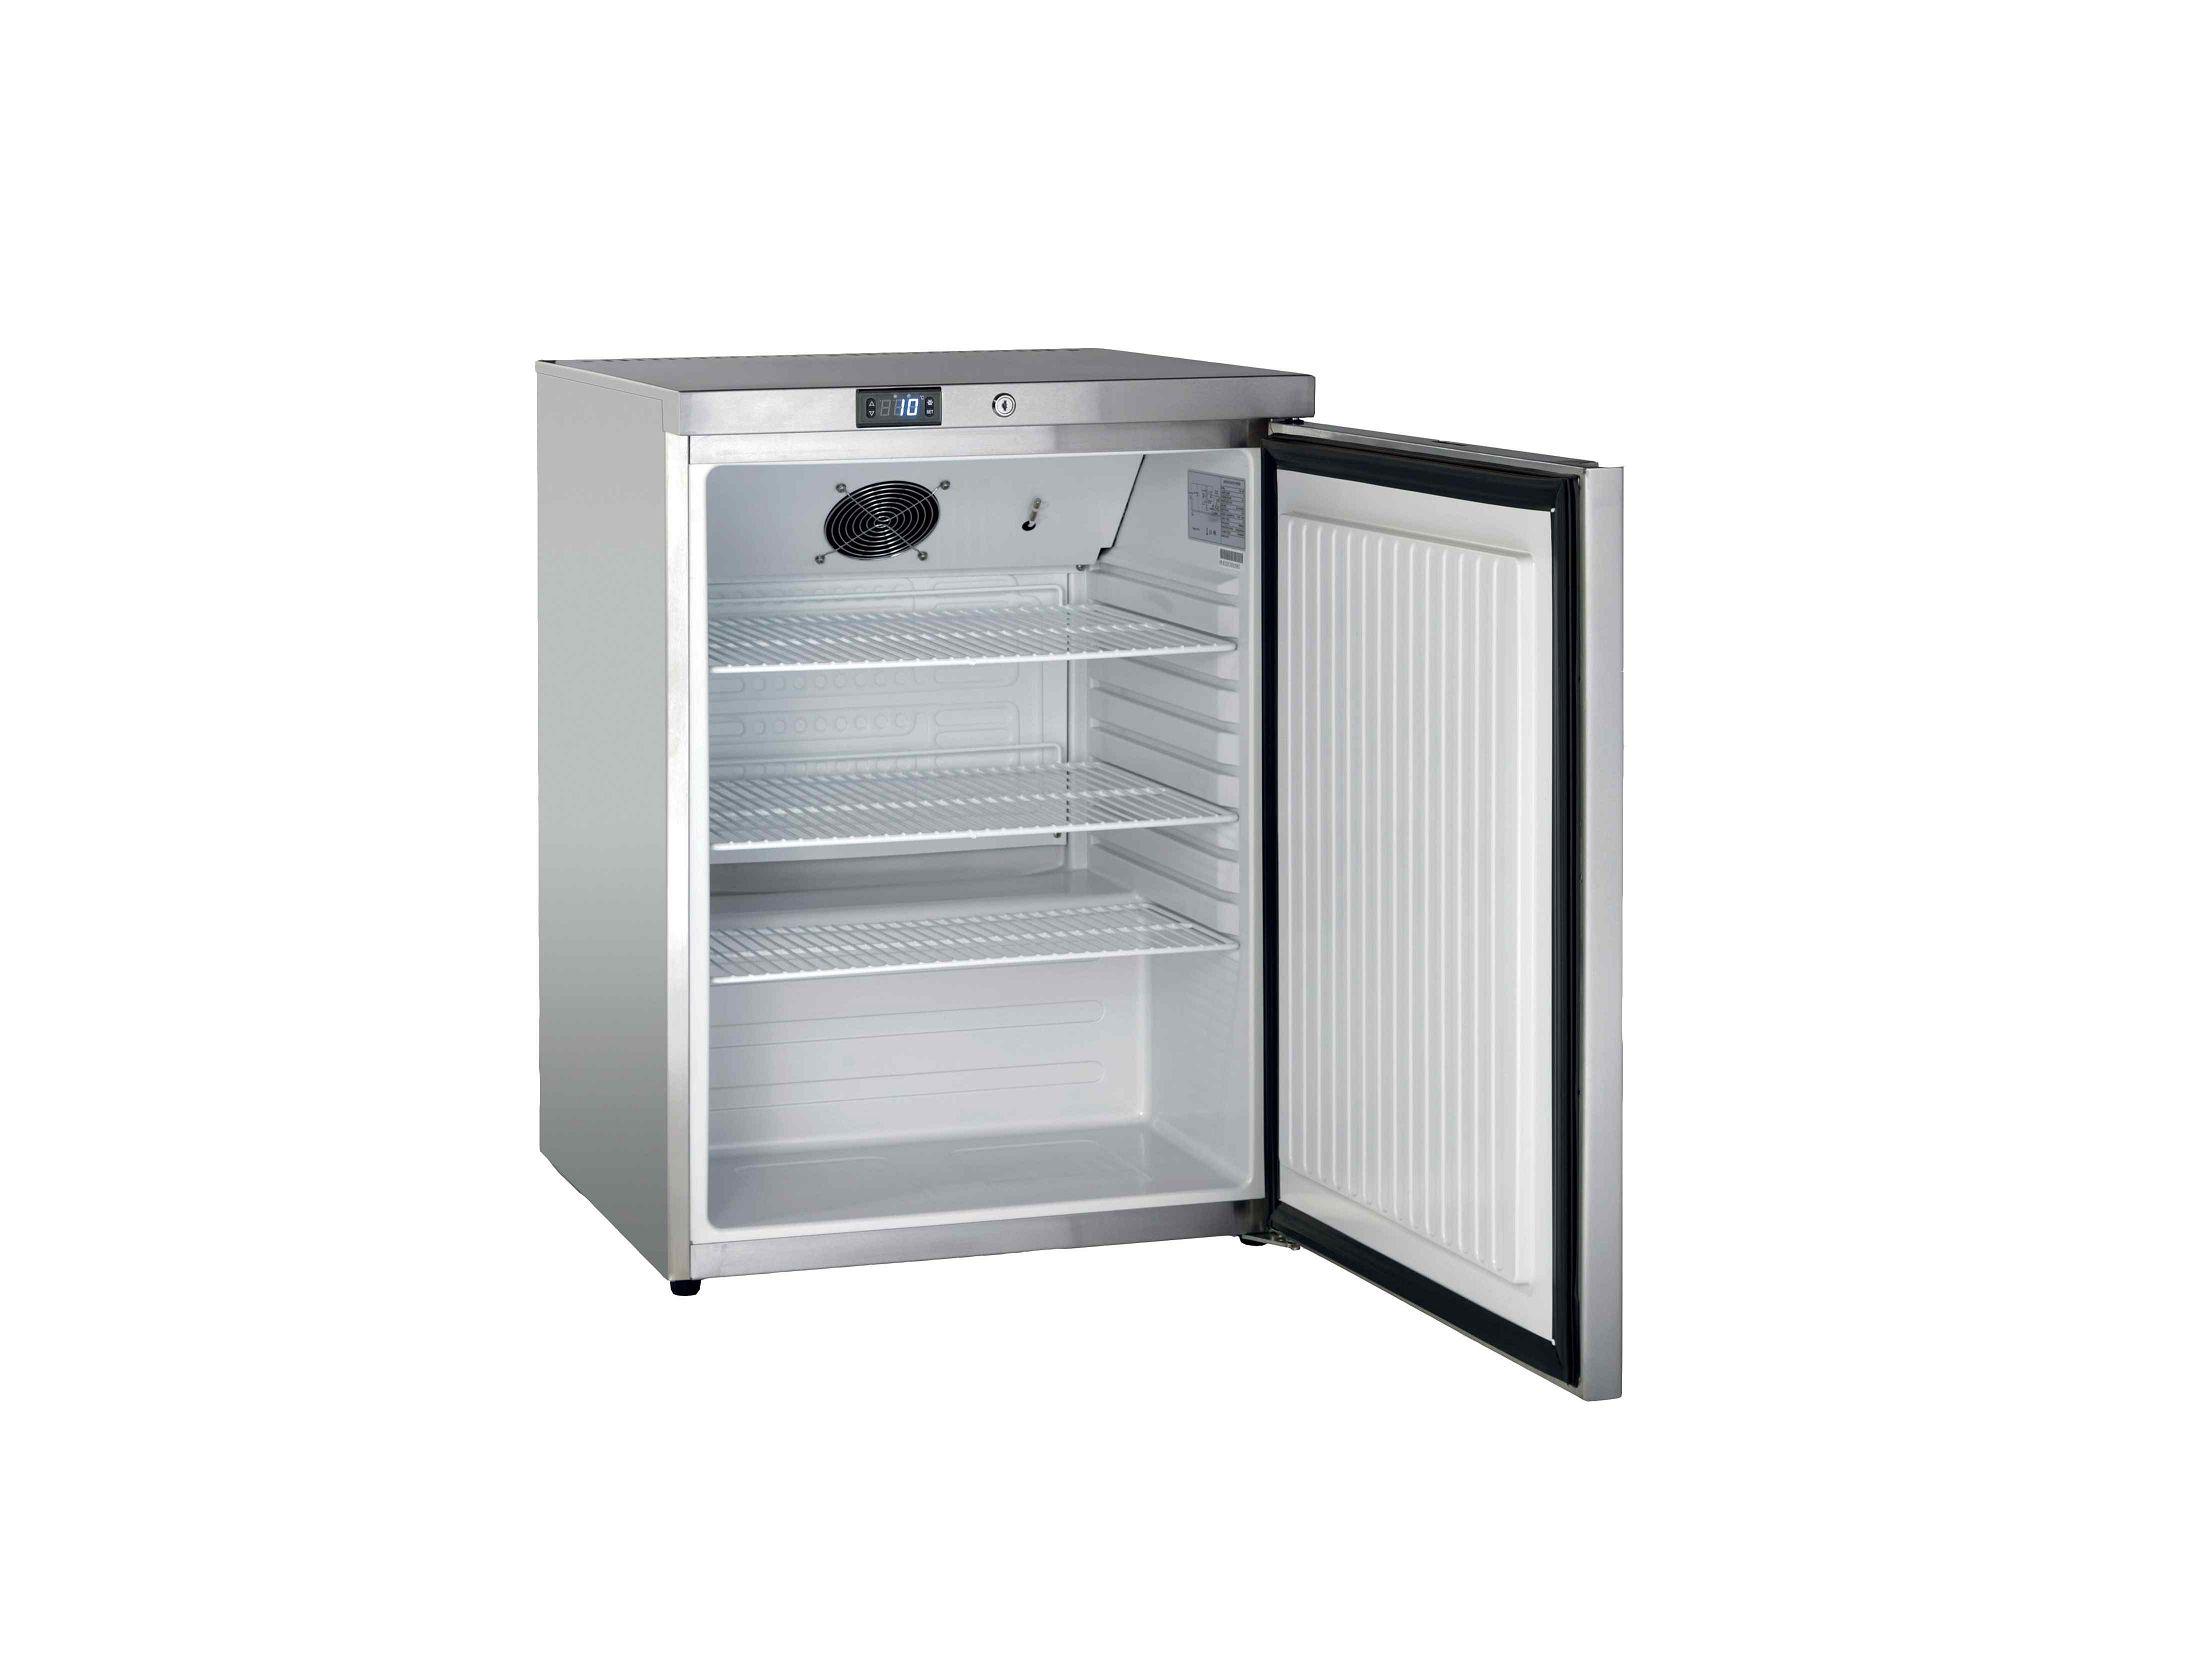 Kühlschrank Untergestell : Gastro hot kühlschränke